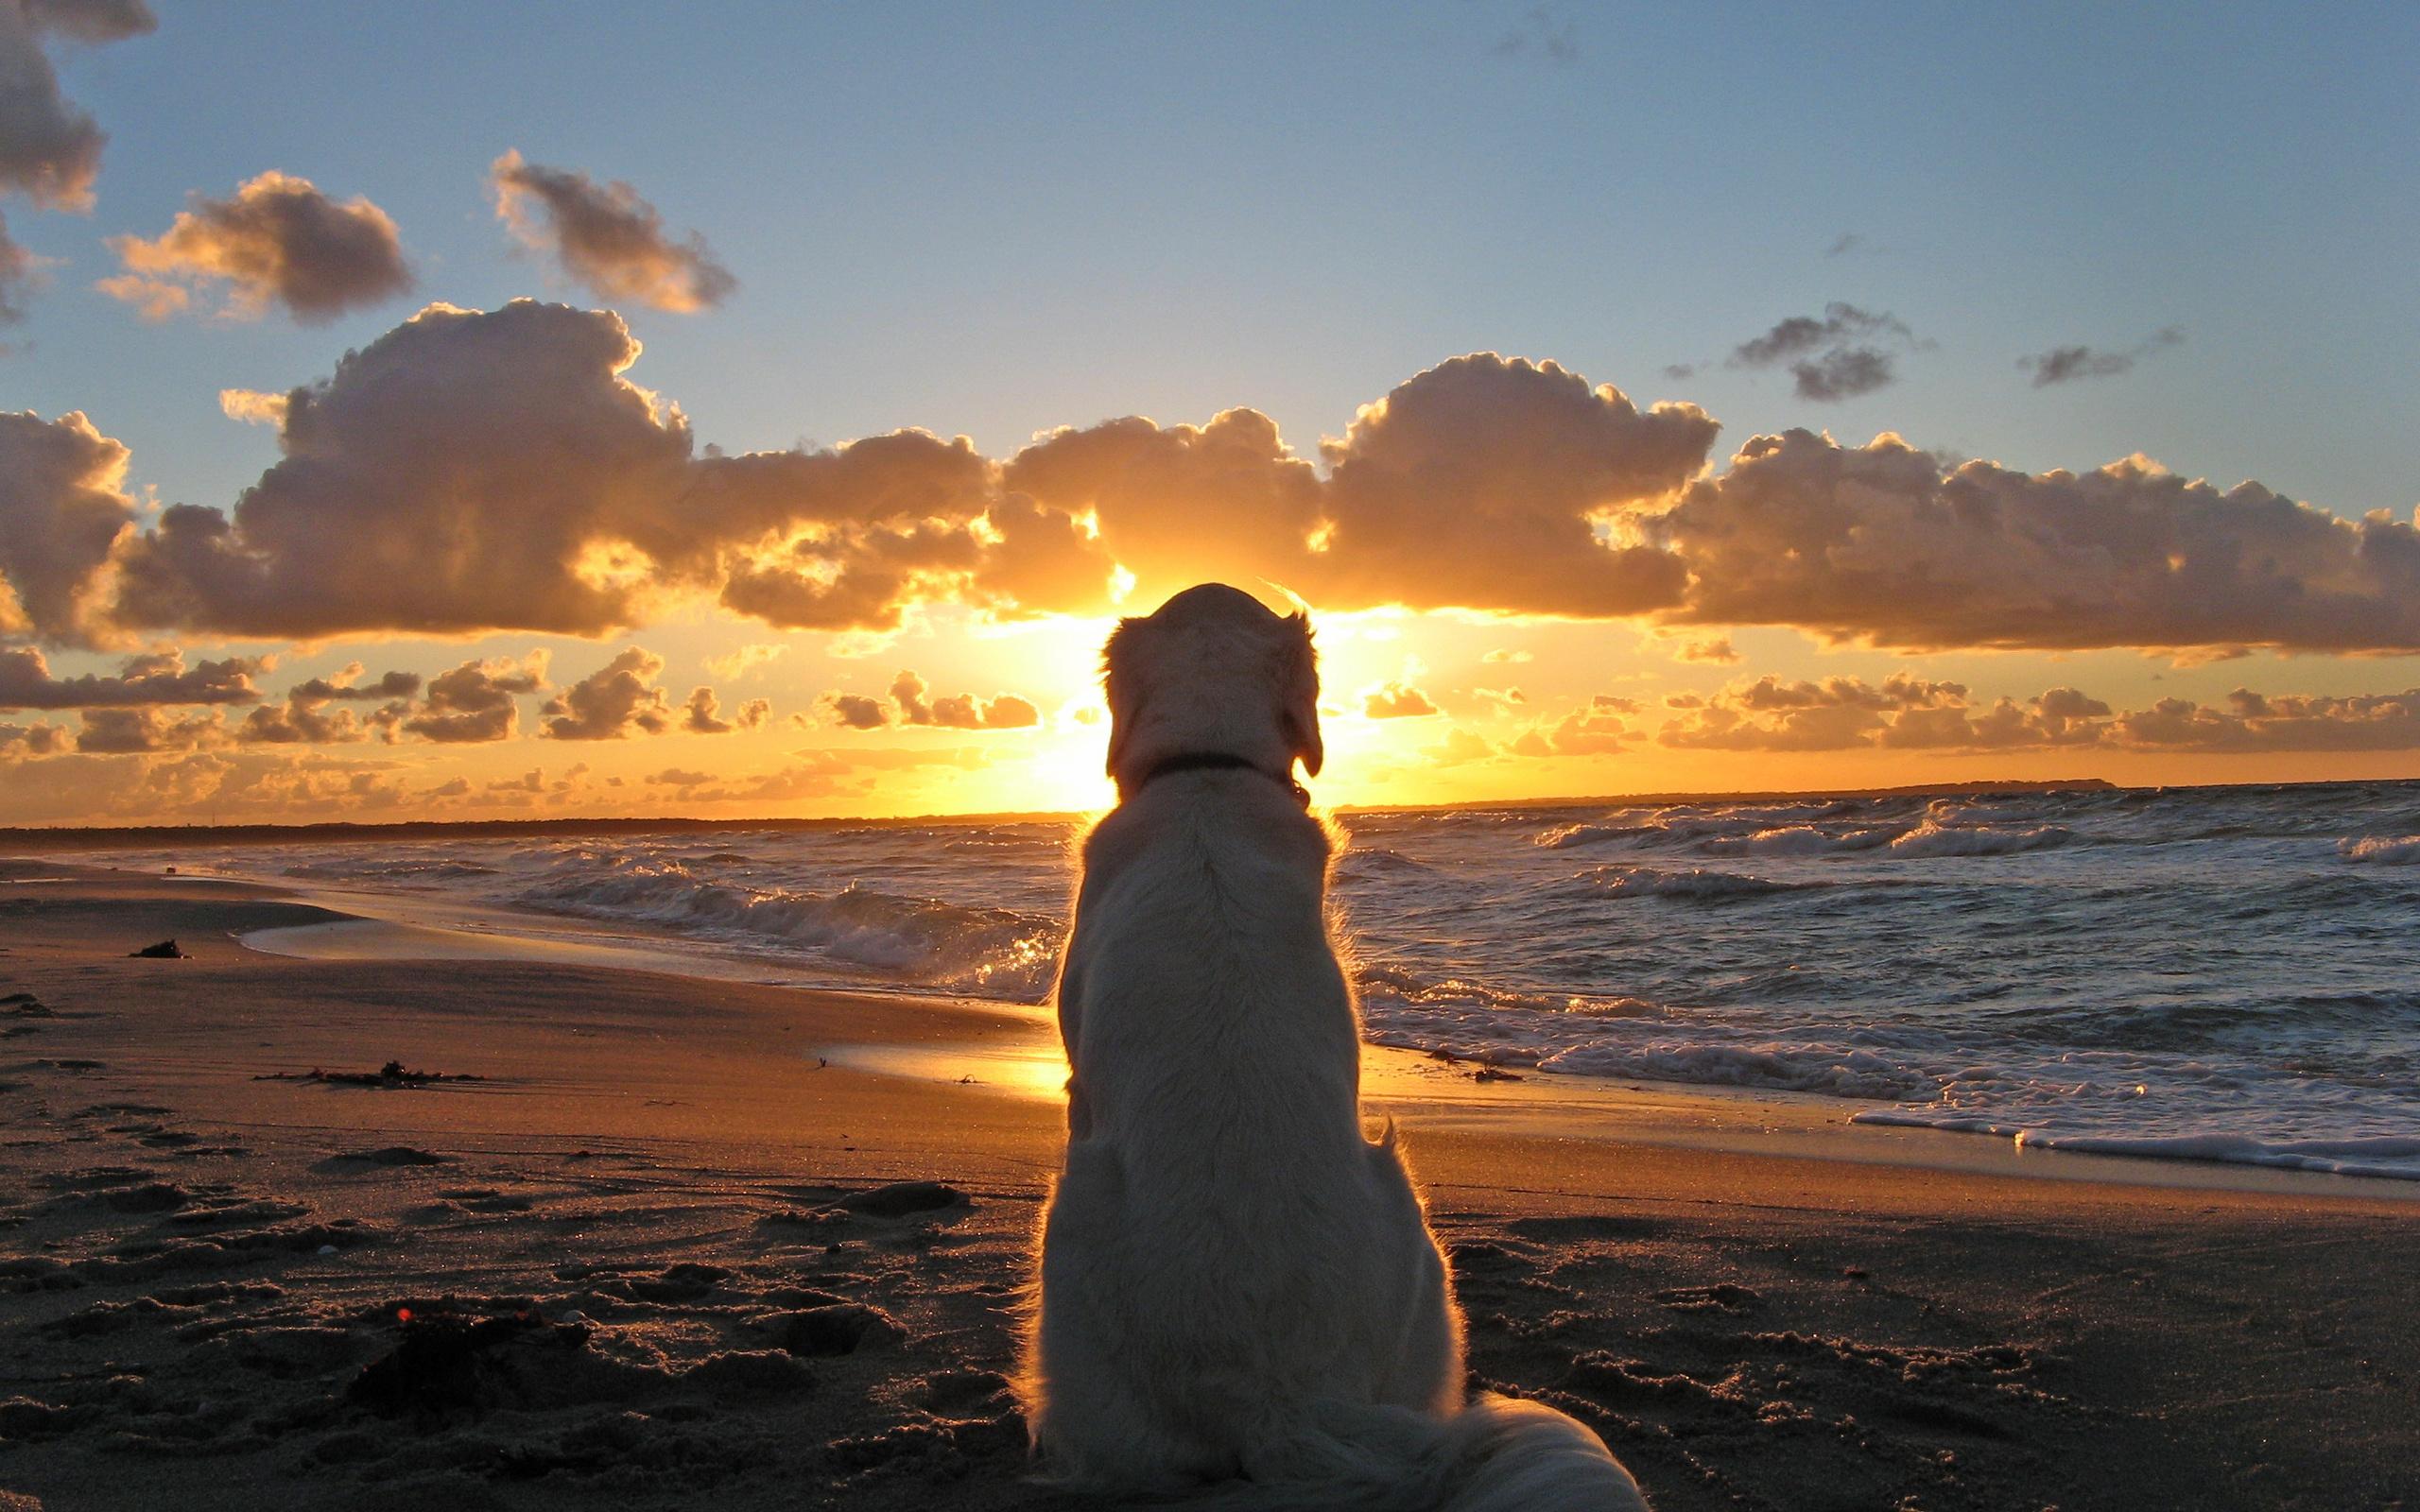 булочки картинка ждет на берегу моря этом деле